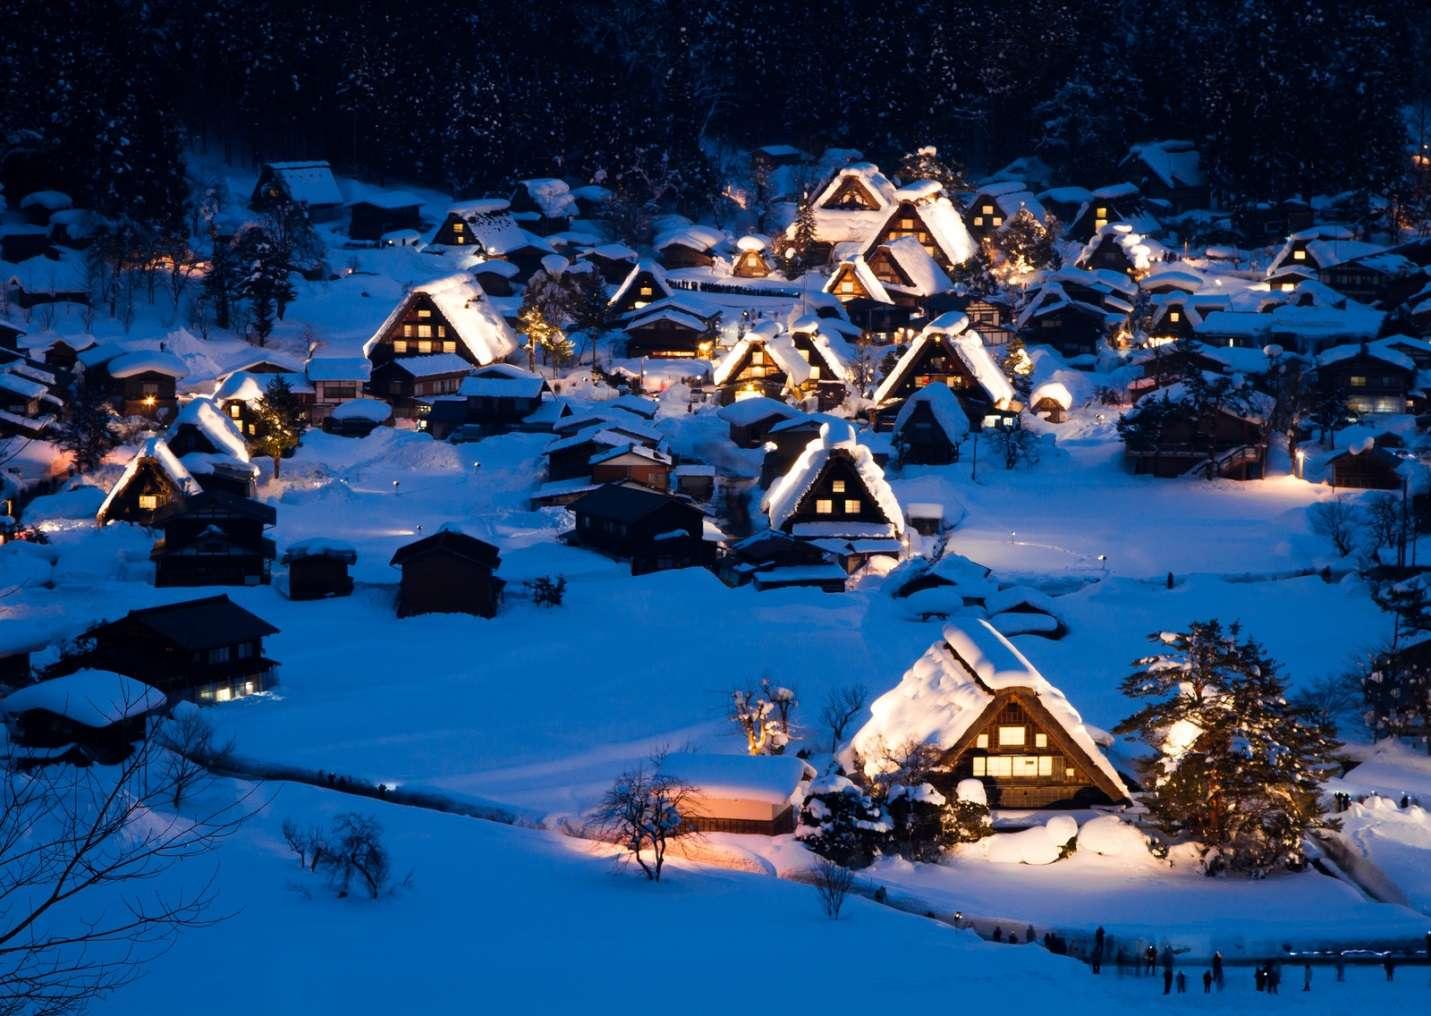 Khung cảnh ngôi làng tuyết đẹp đến mức người ta cứ nghĩ chỉ xuất hiện trong những giấc mơ thần thoại